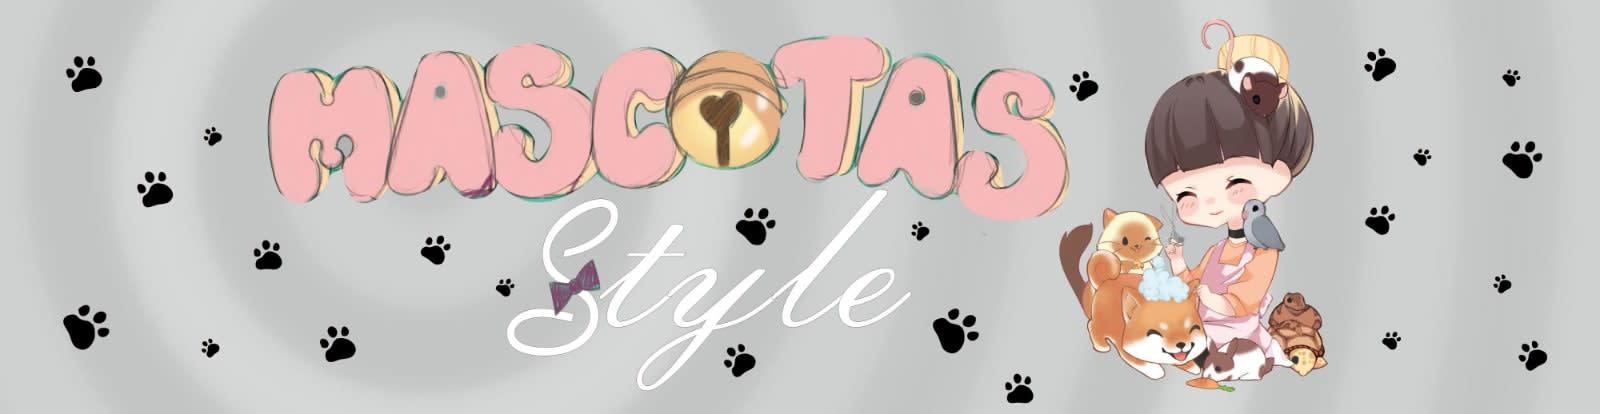 Mascotas Style